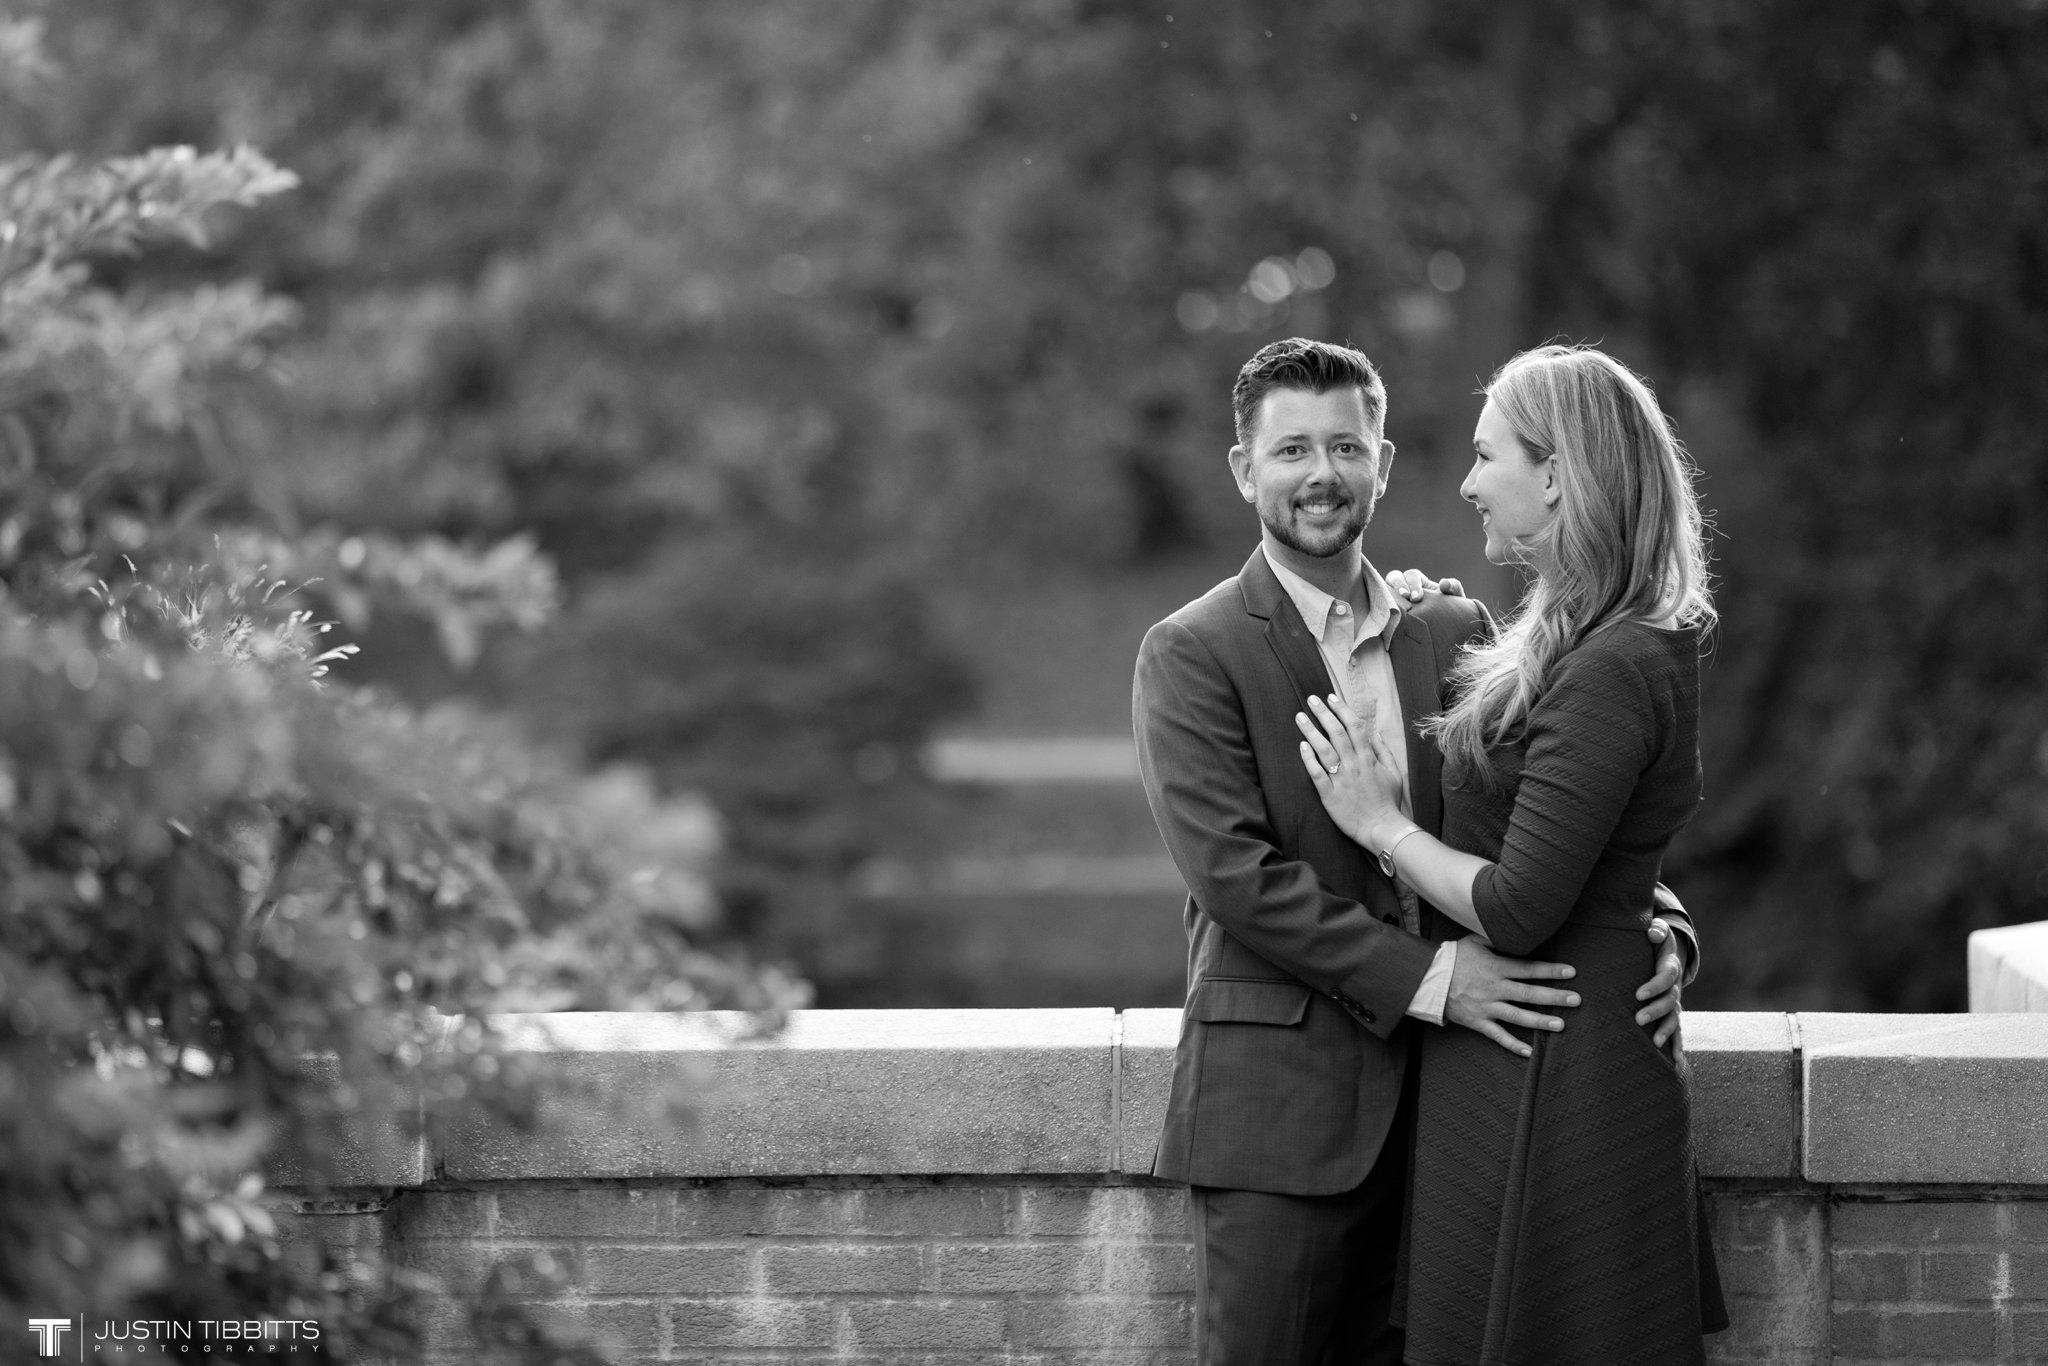 washington-park-albany-ny-engagement-photos-with-andrea-and-dan_0025